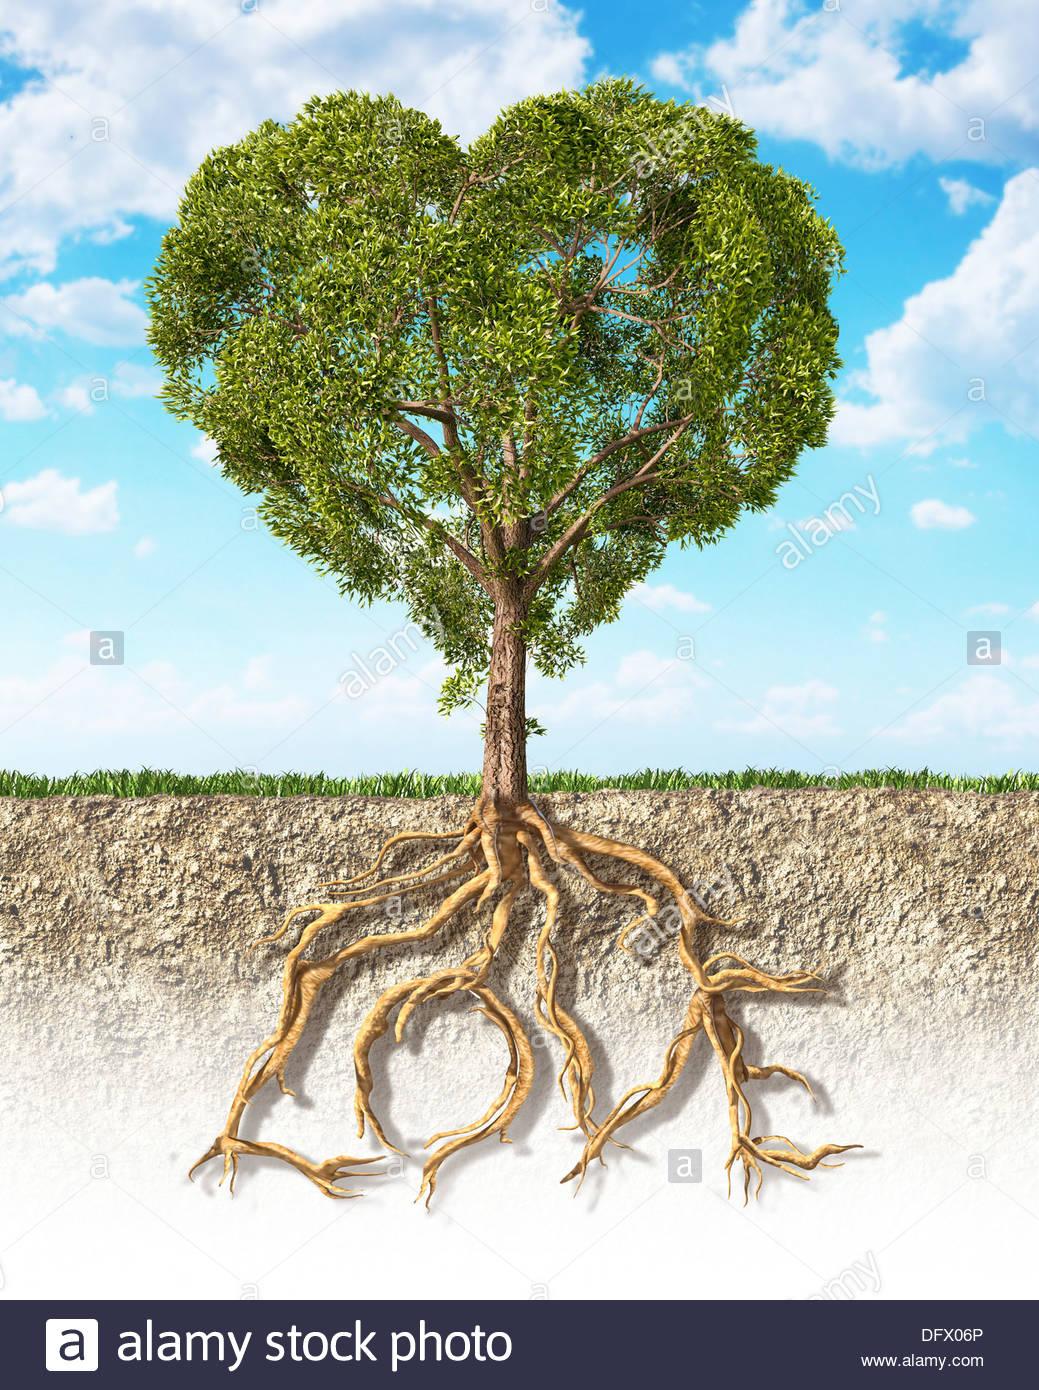 Échantillon de sol montrant un arbre en forme de coeur avec ses racines en tant que texte amour Photo Stock